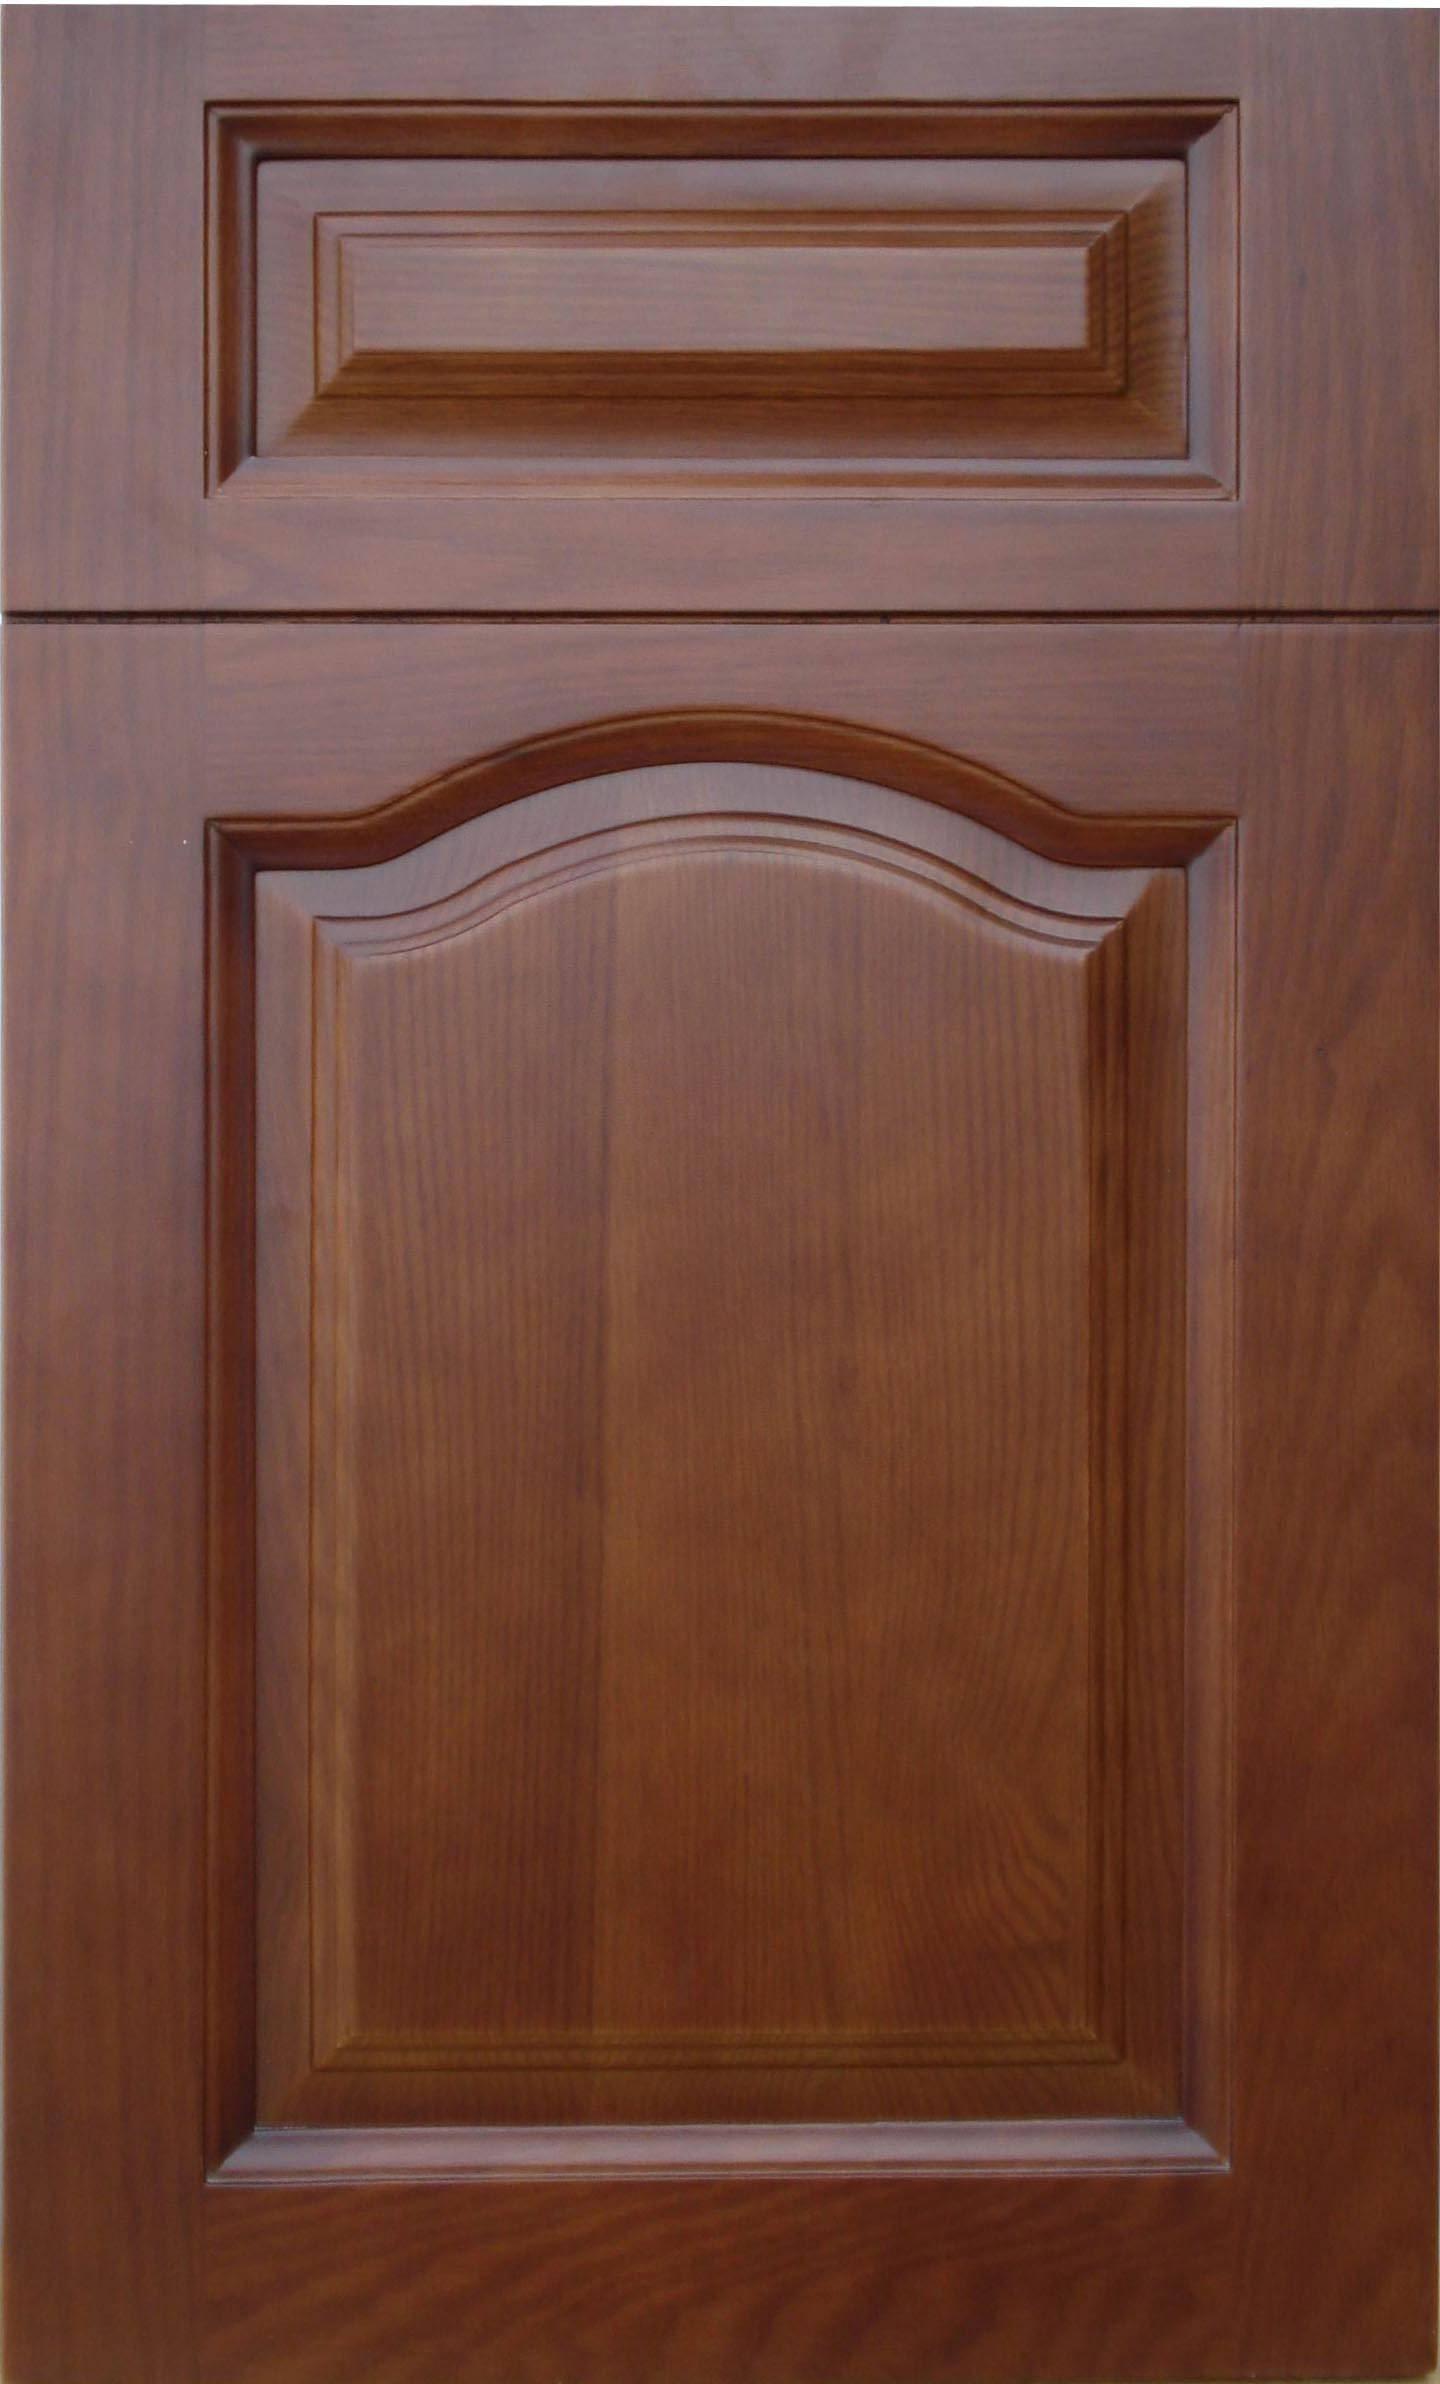 樱桃木 橡木_实木门板产品图片,实木门板产品相册